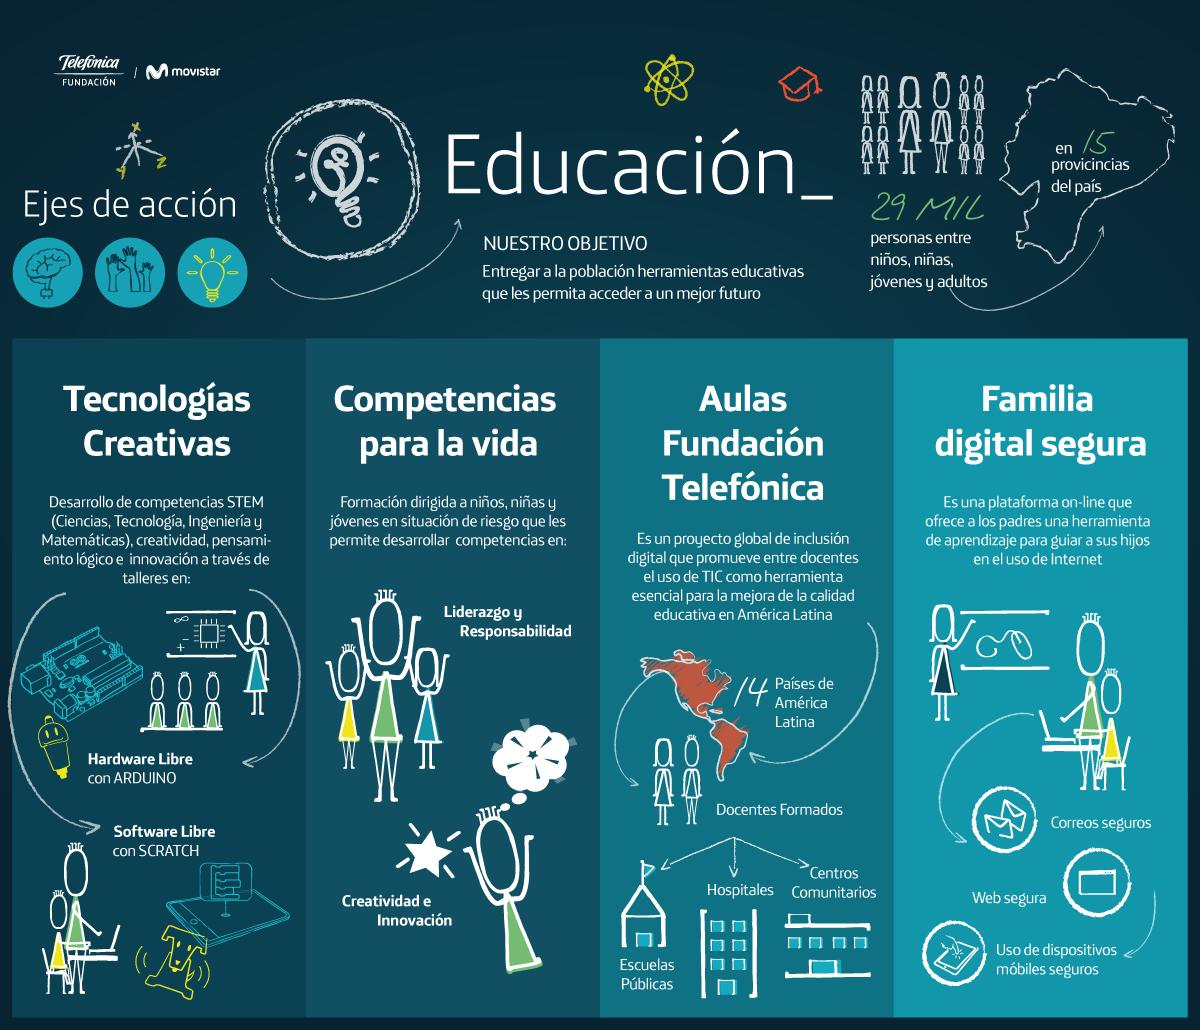 EjeEducacion